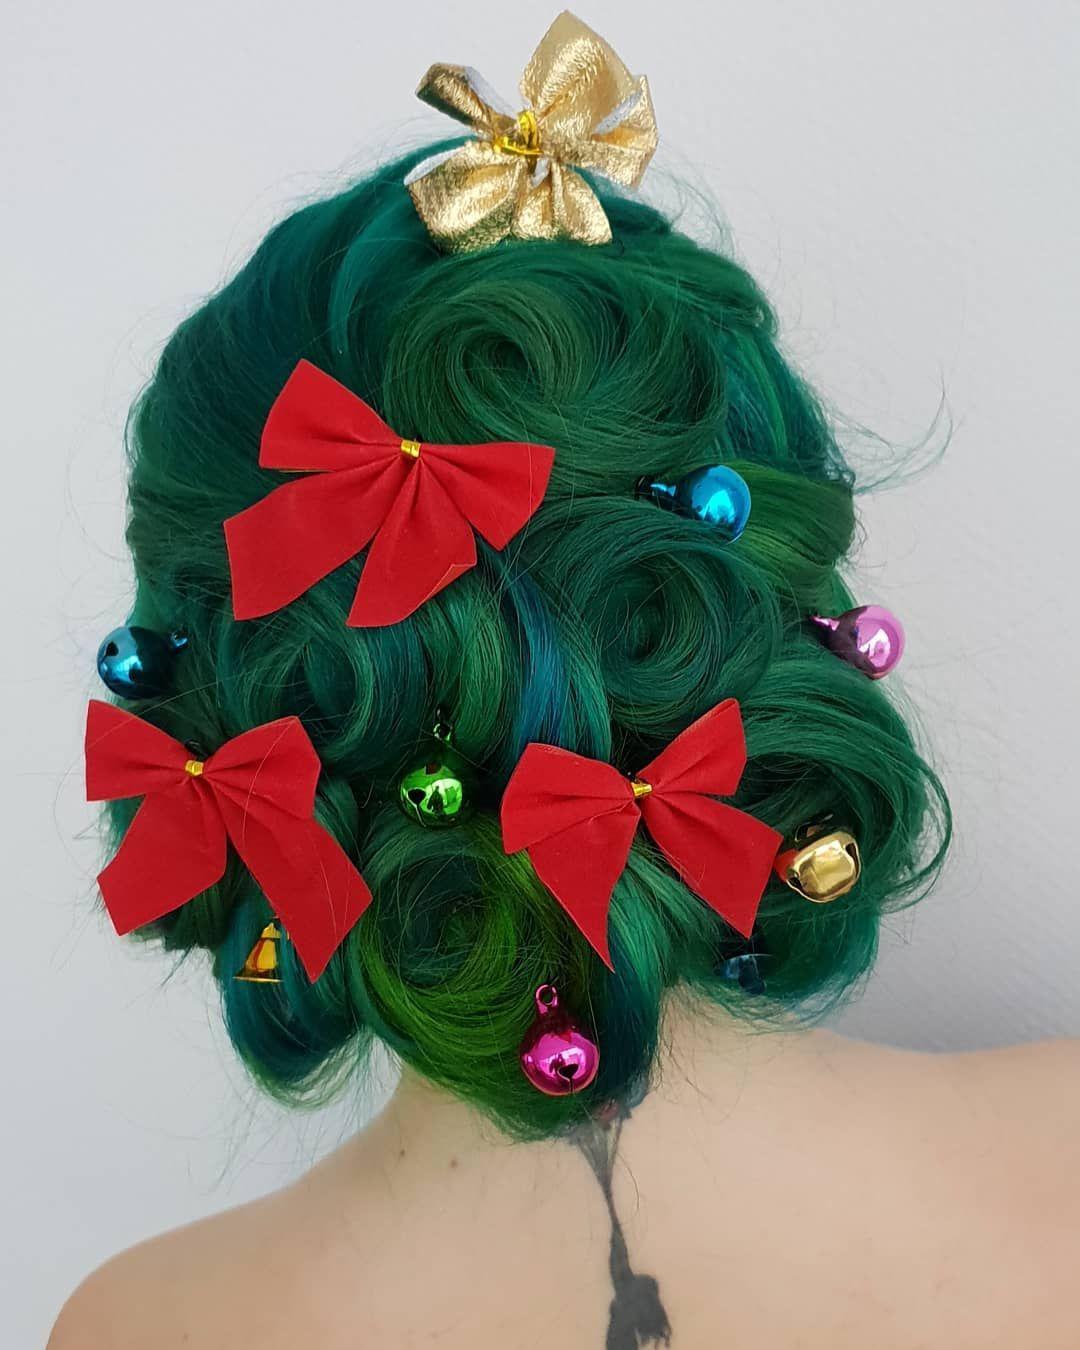 Stunning Christmas Hair In 2020 Christmas Tree Hair Wacky Hair Christmas Hair